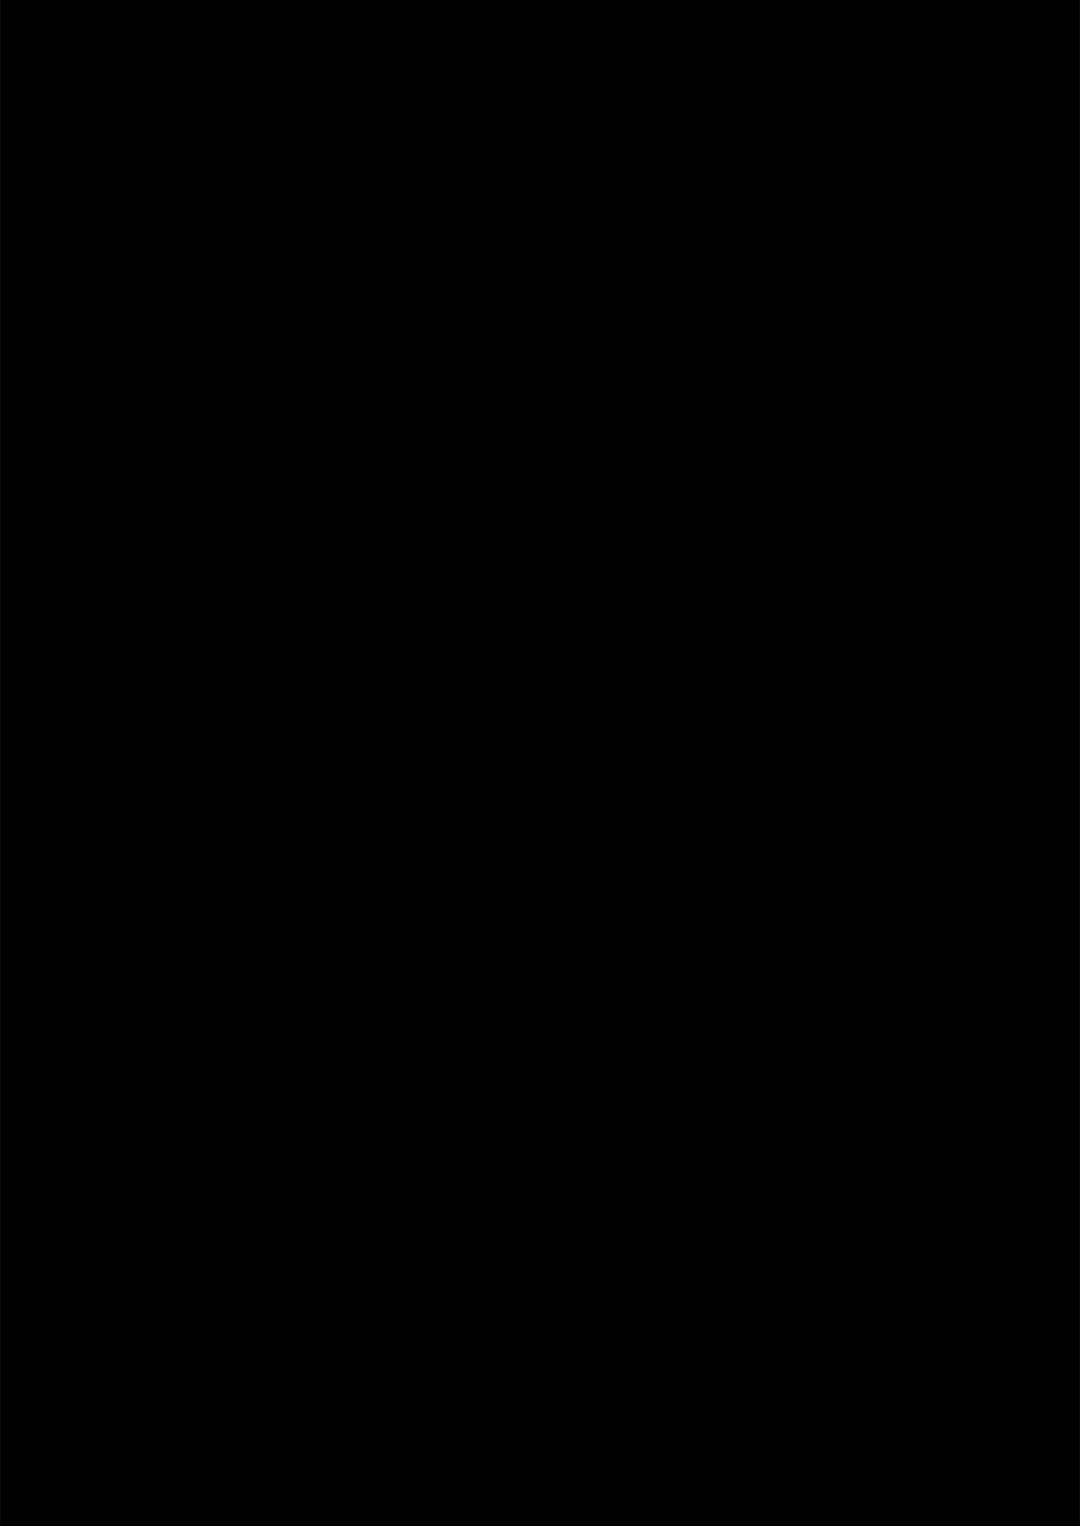 【エロ同人誌】南国のビーチで撮影したあとプロデューサーとビキニのまま野外セックスを始めてしまうめぐる…ご奉仕フェラとパイズリで顔射されたあと生ハメ中出しイチャラブ青姦セックスして激しく絶頂する【アイマス】